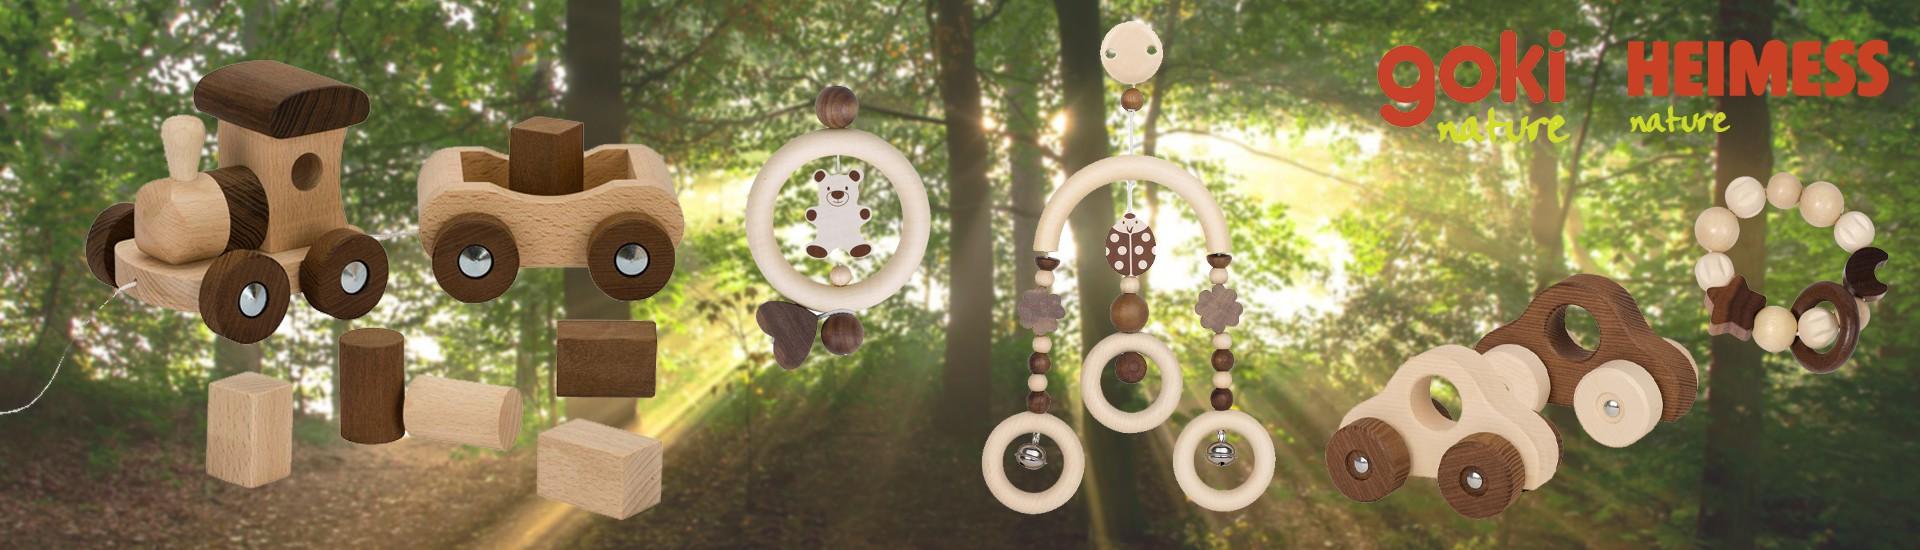 goki nature-Heimess nature